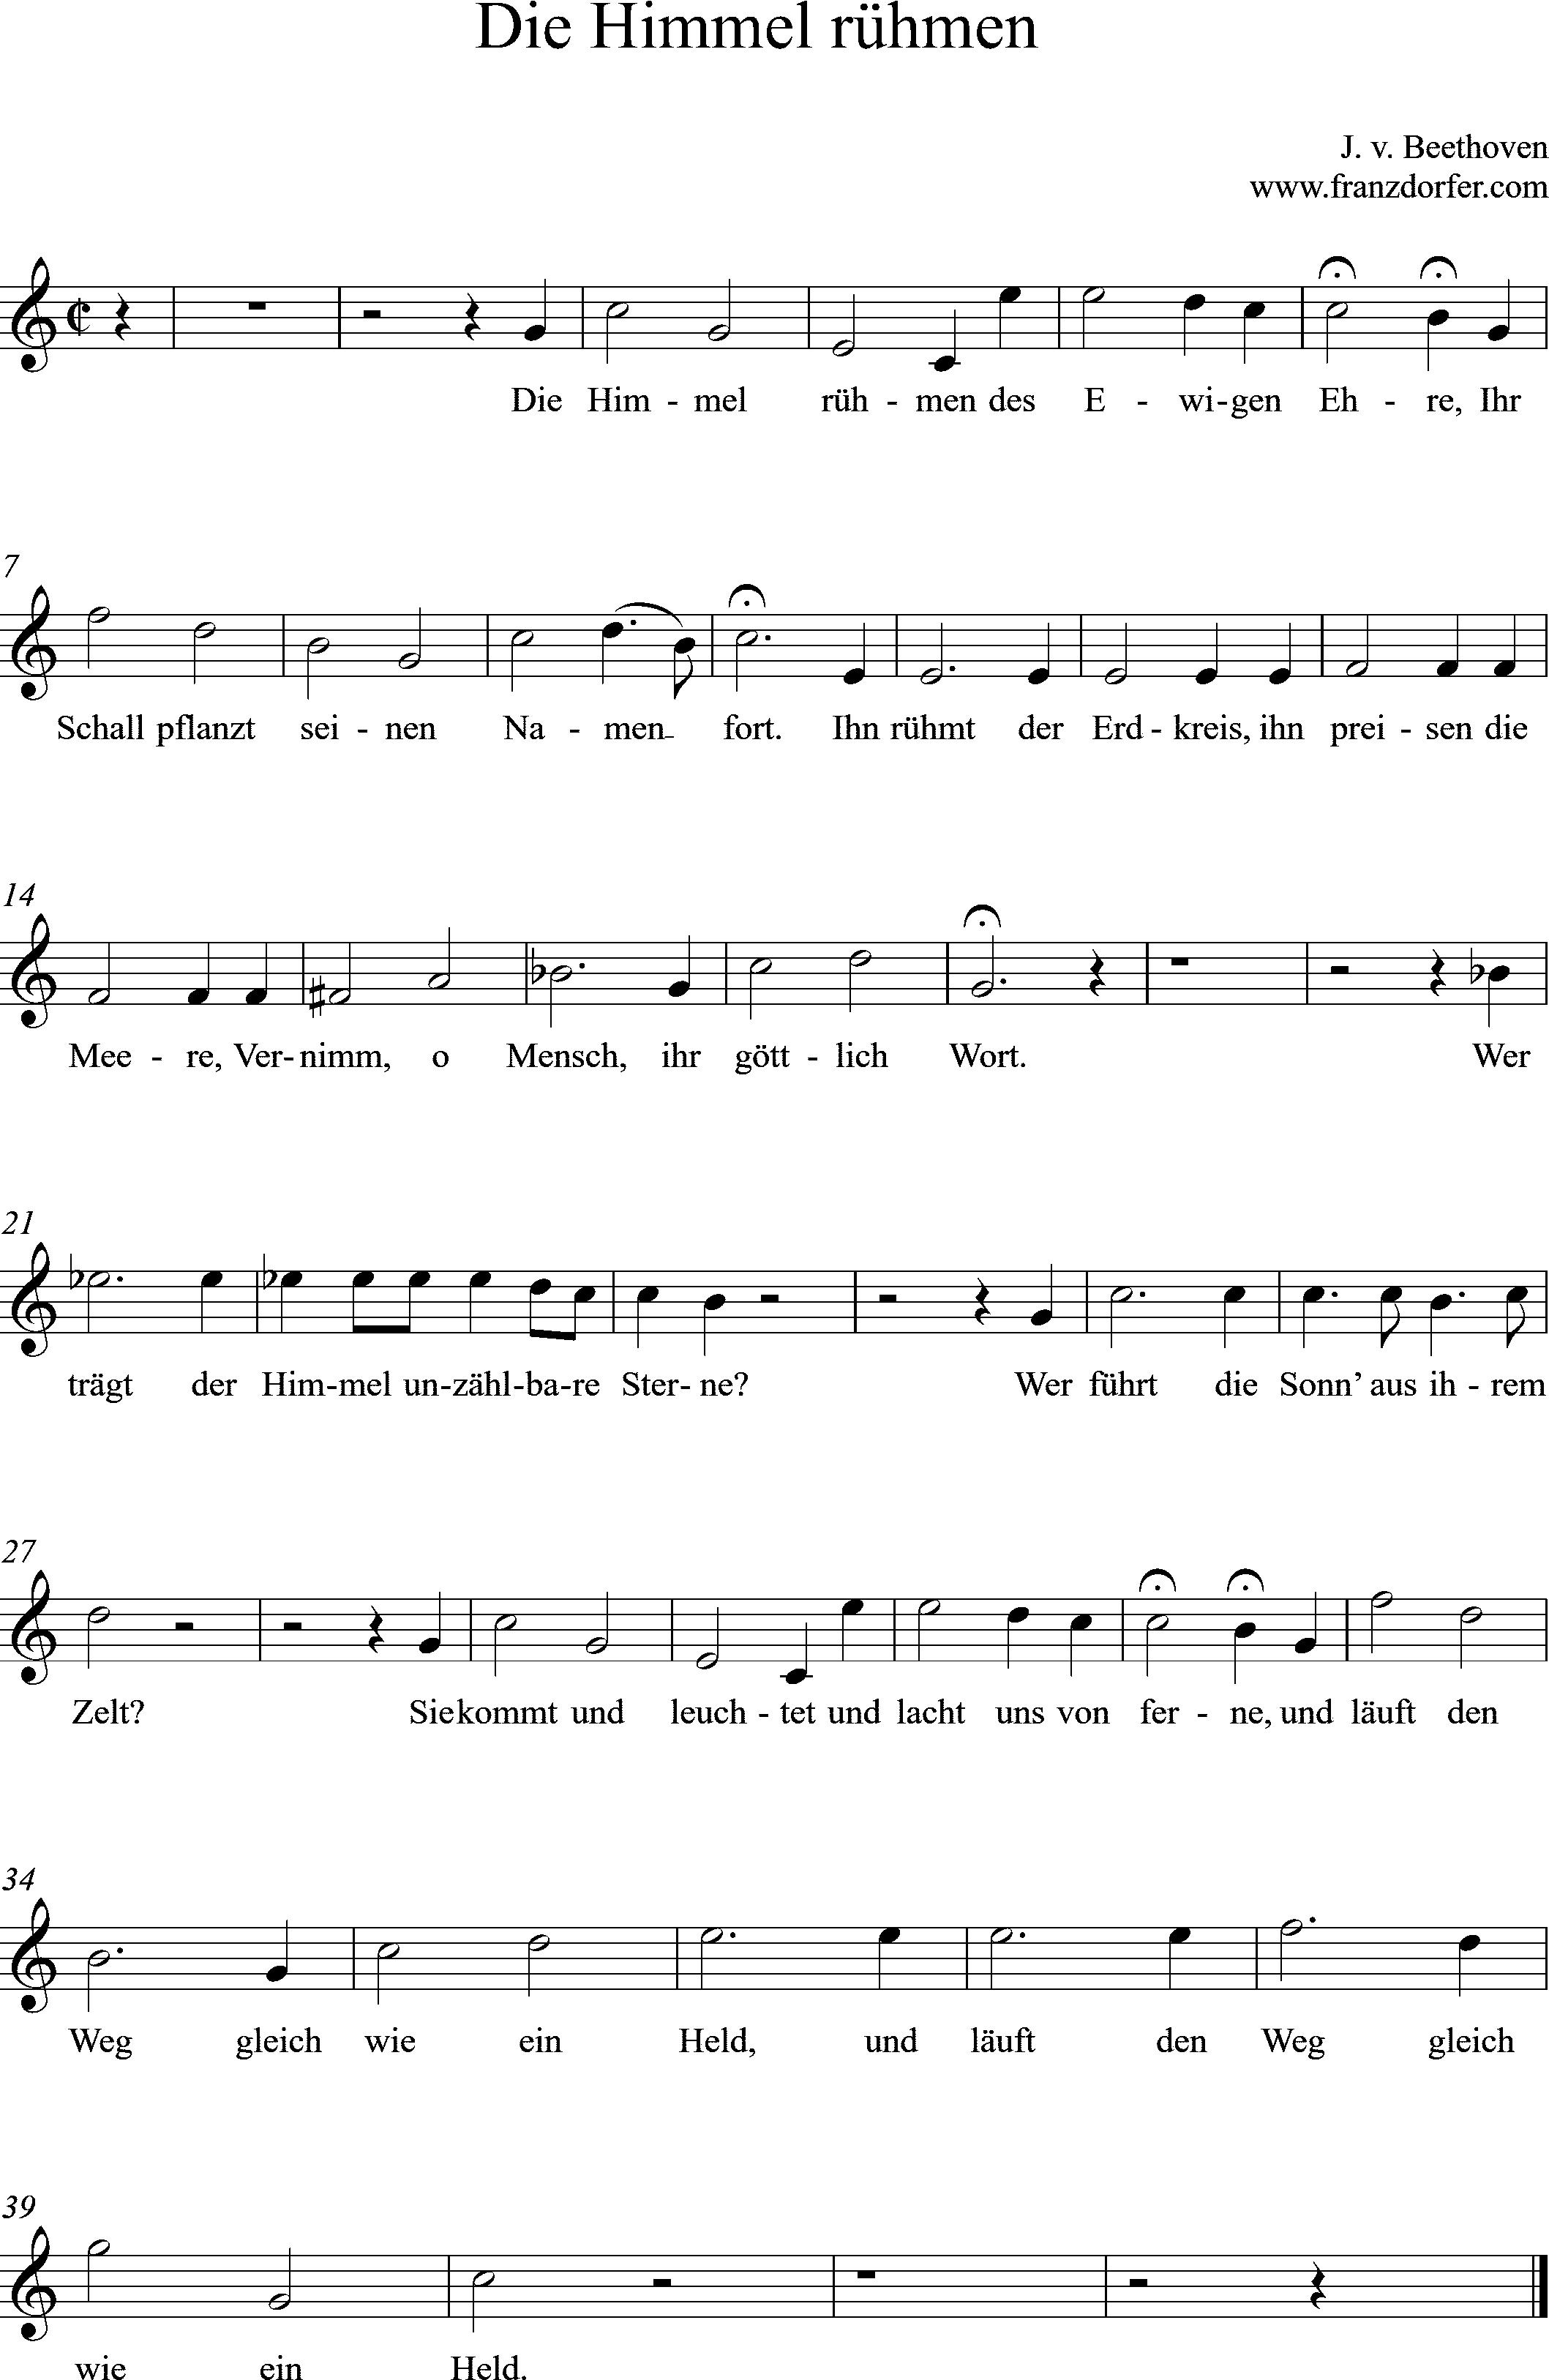 Noten für Flöte, Die Himmel rühmen, C-Dur